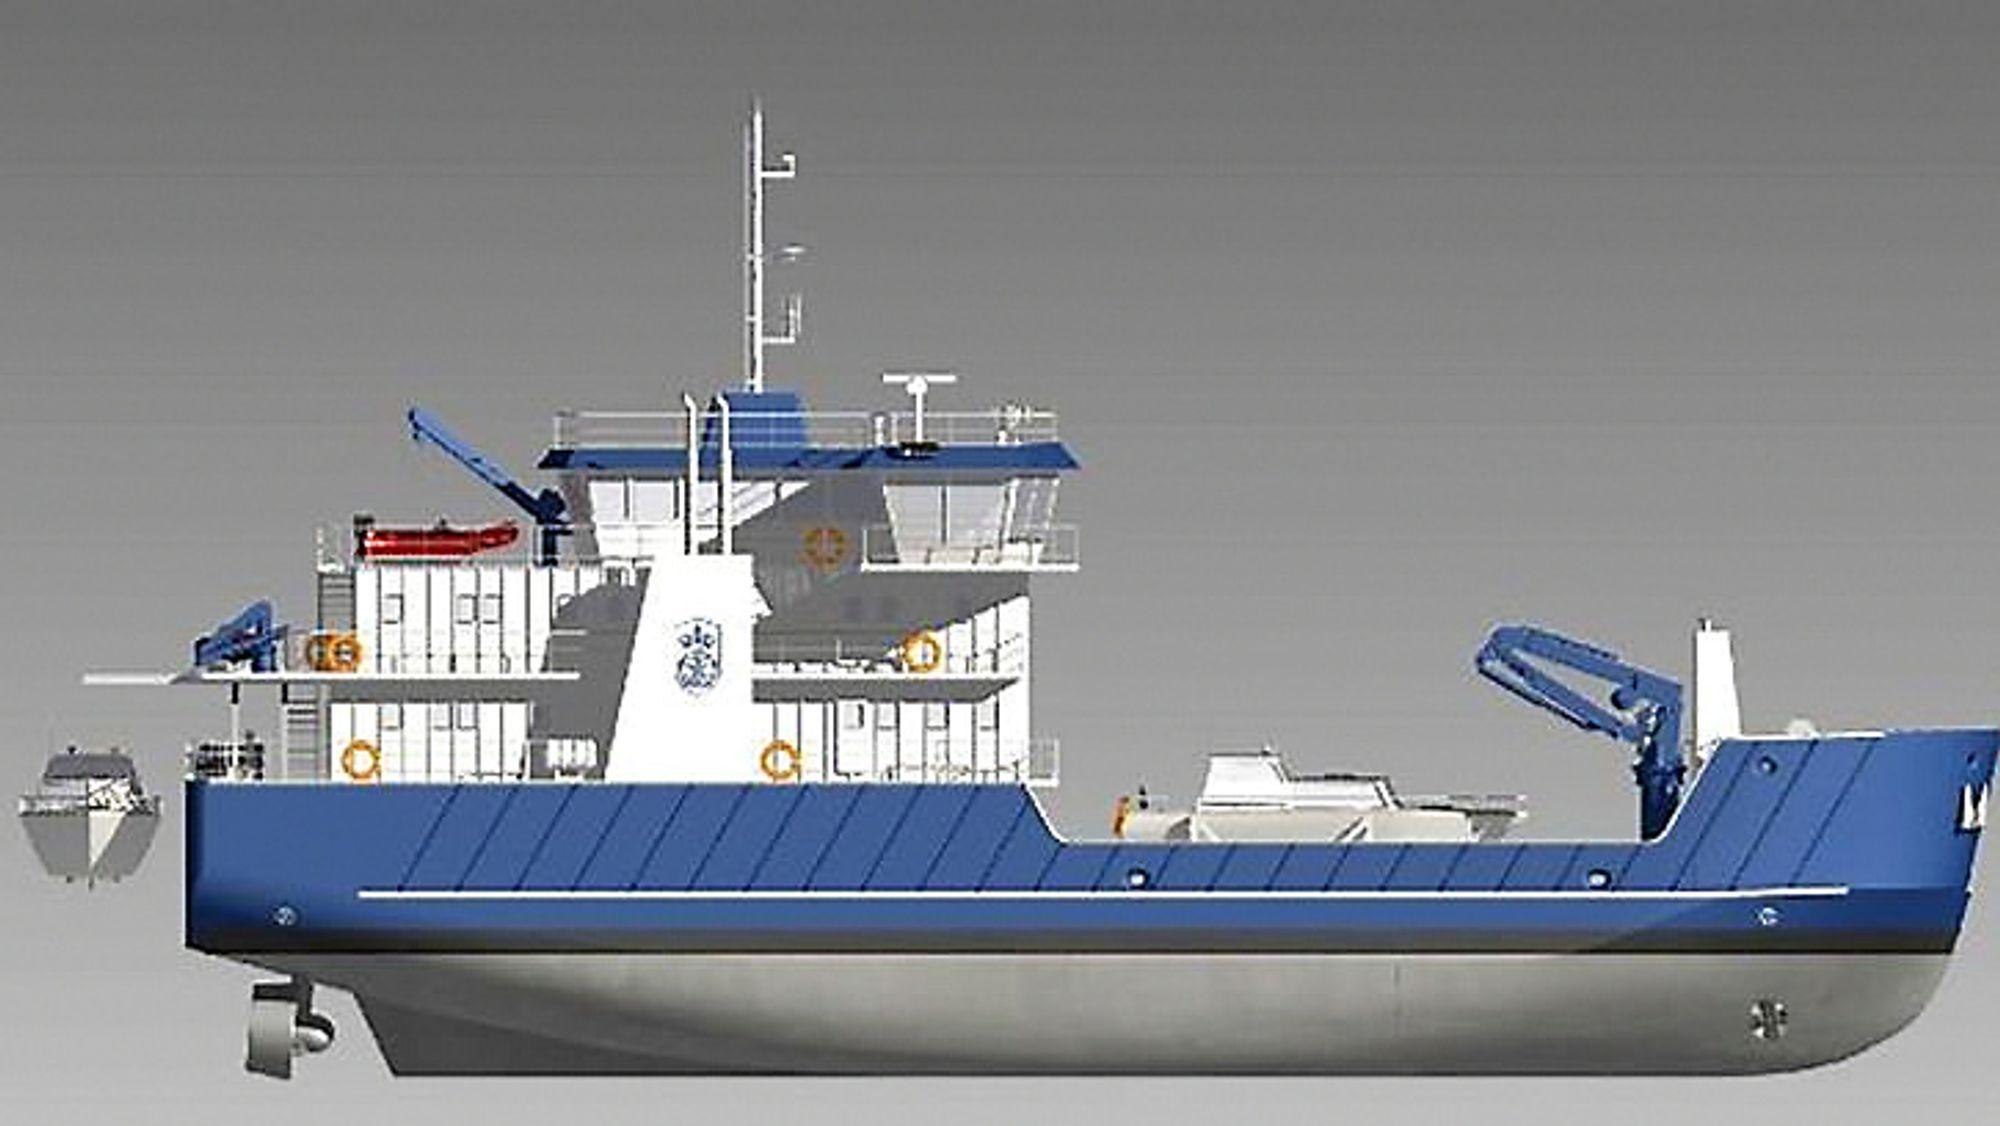 Slik skal Kystverkets nye flerfunksjonsfartøy OV Bøkfjord se ut. Kystverket vil bruke opsjonen de har på et identisk fartøy.